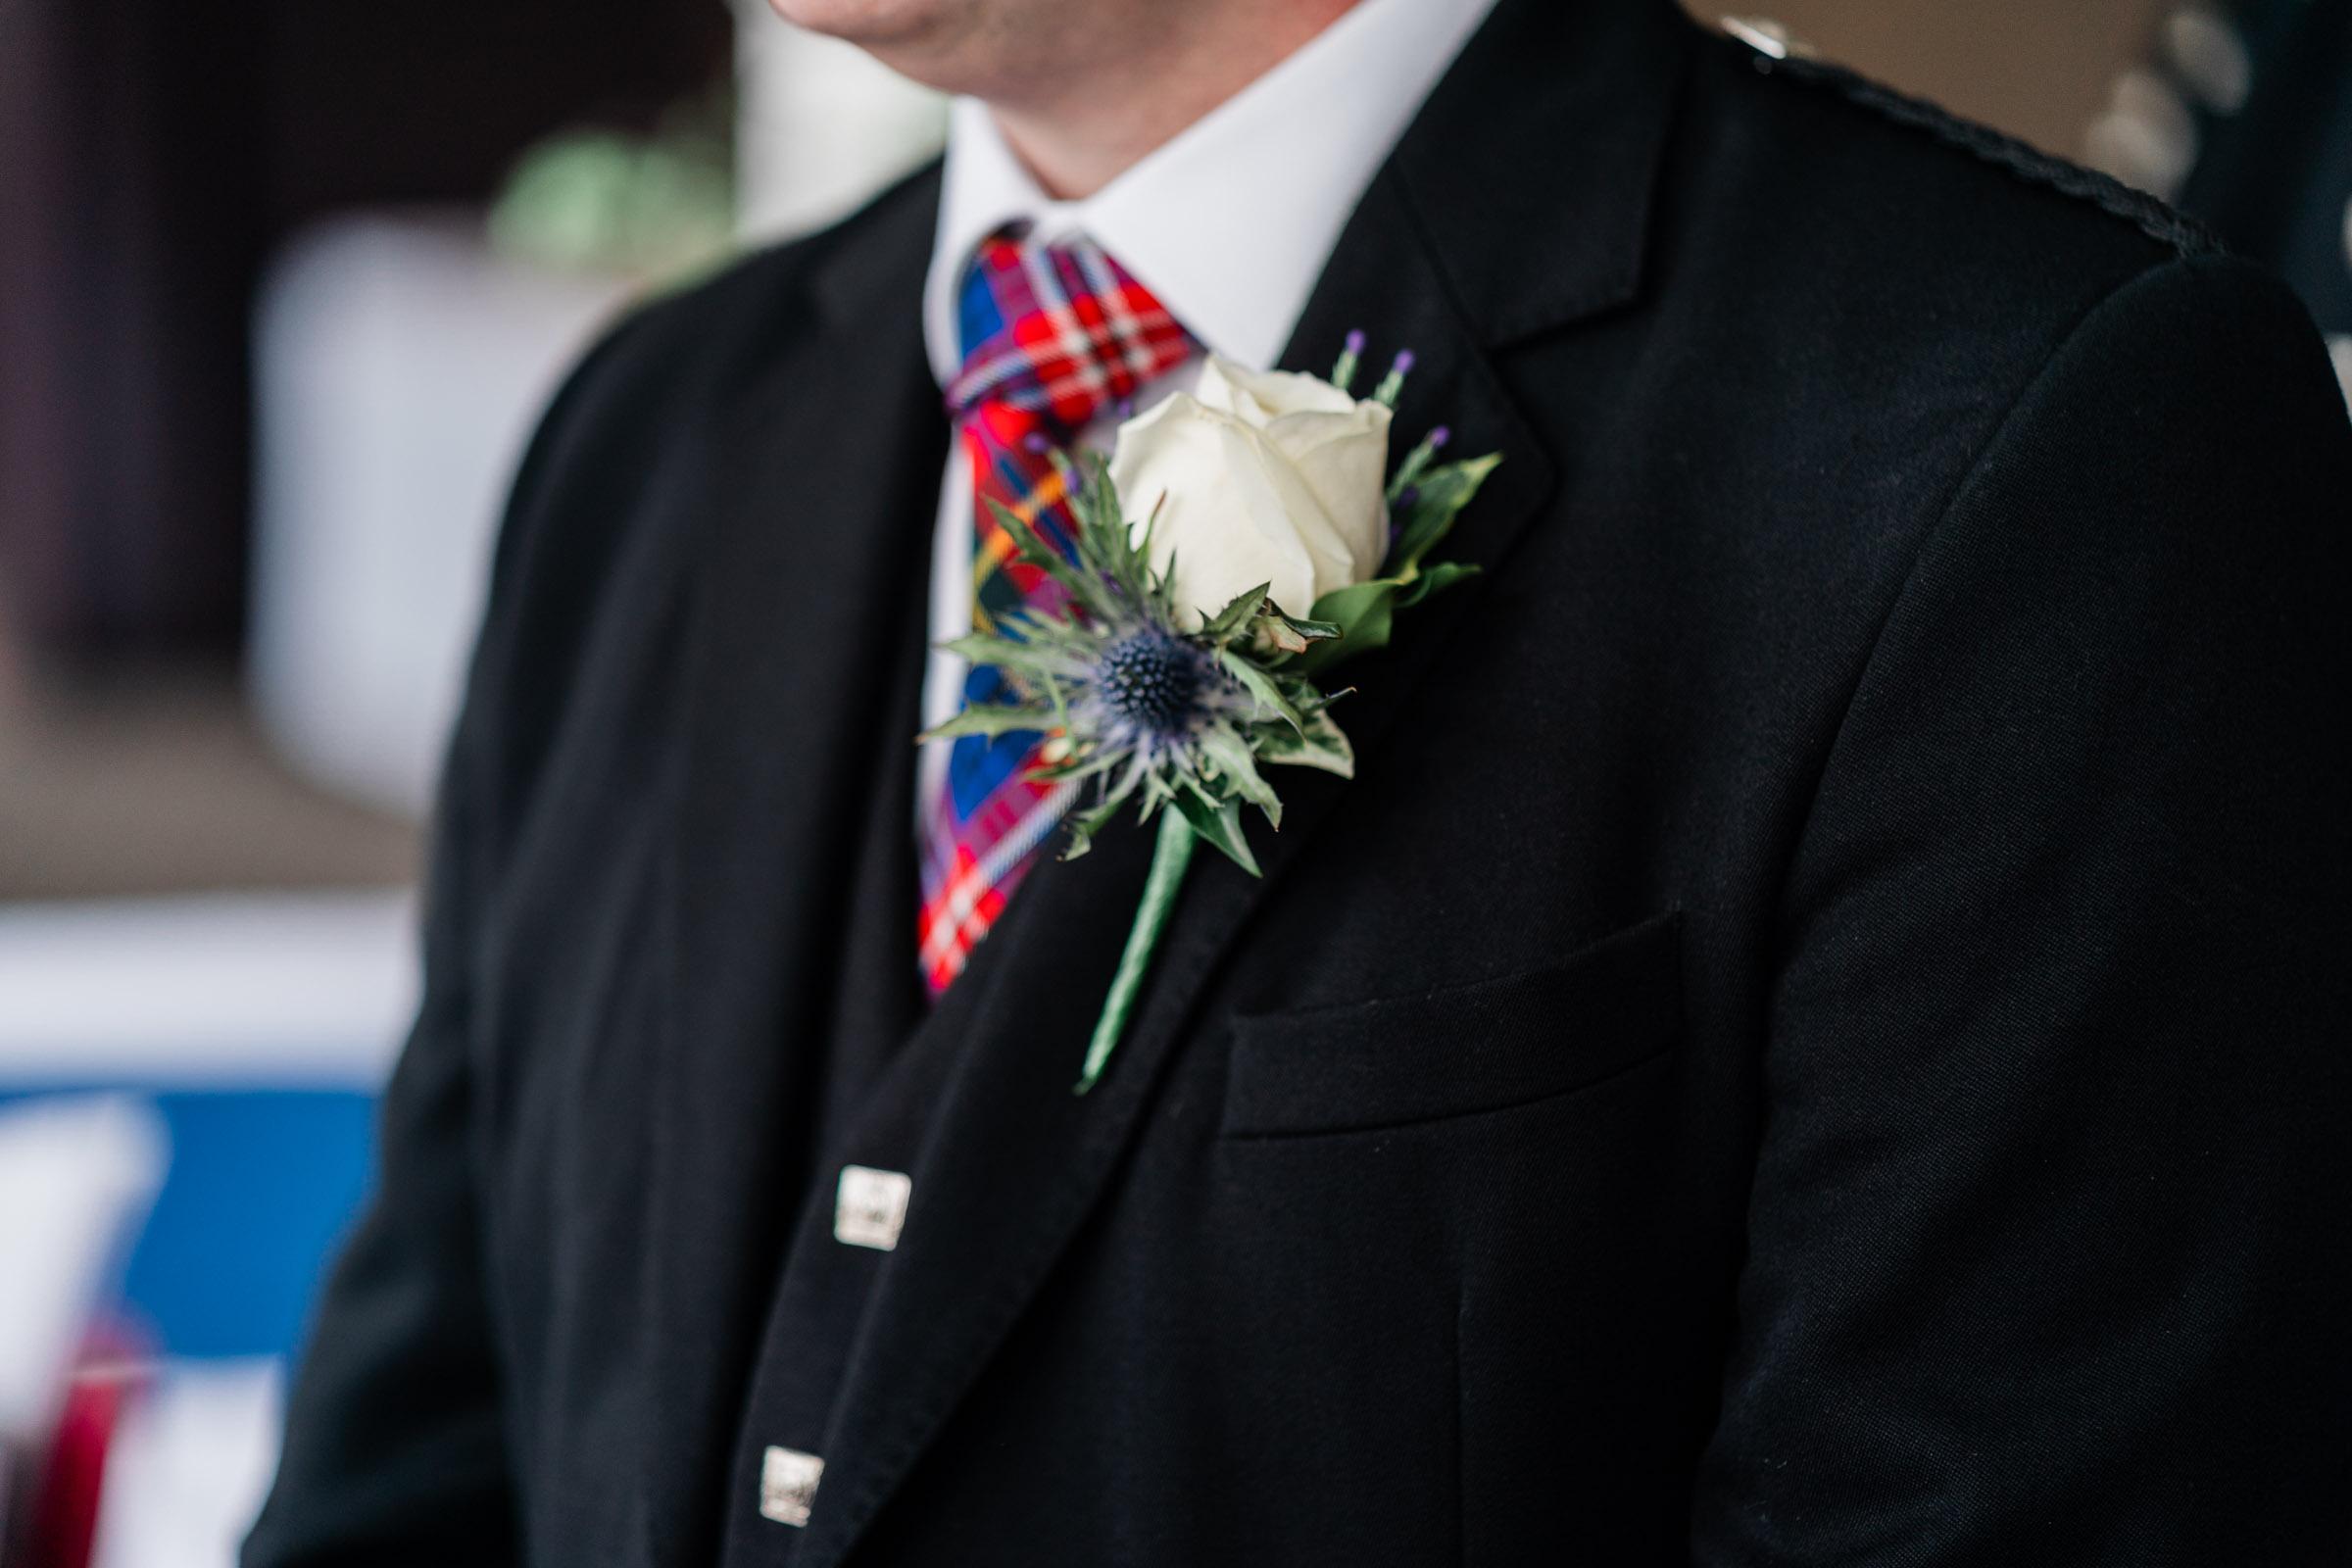 edinburgh_apex_hotel_wedding_dearlyphotography (17 of 65).jpg